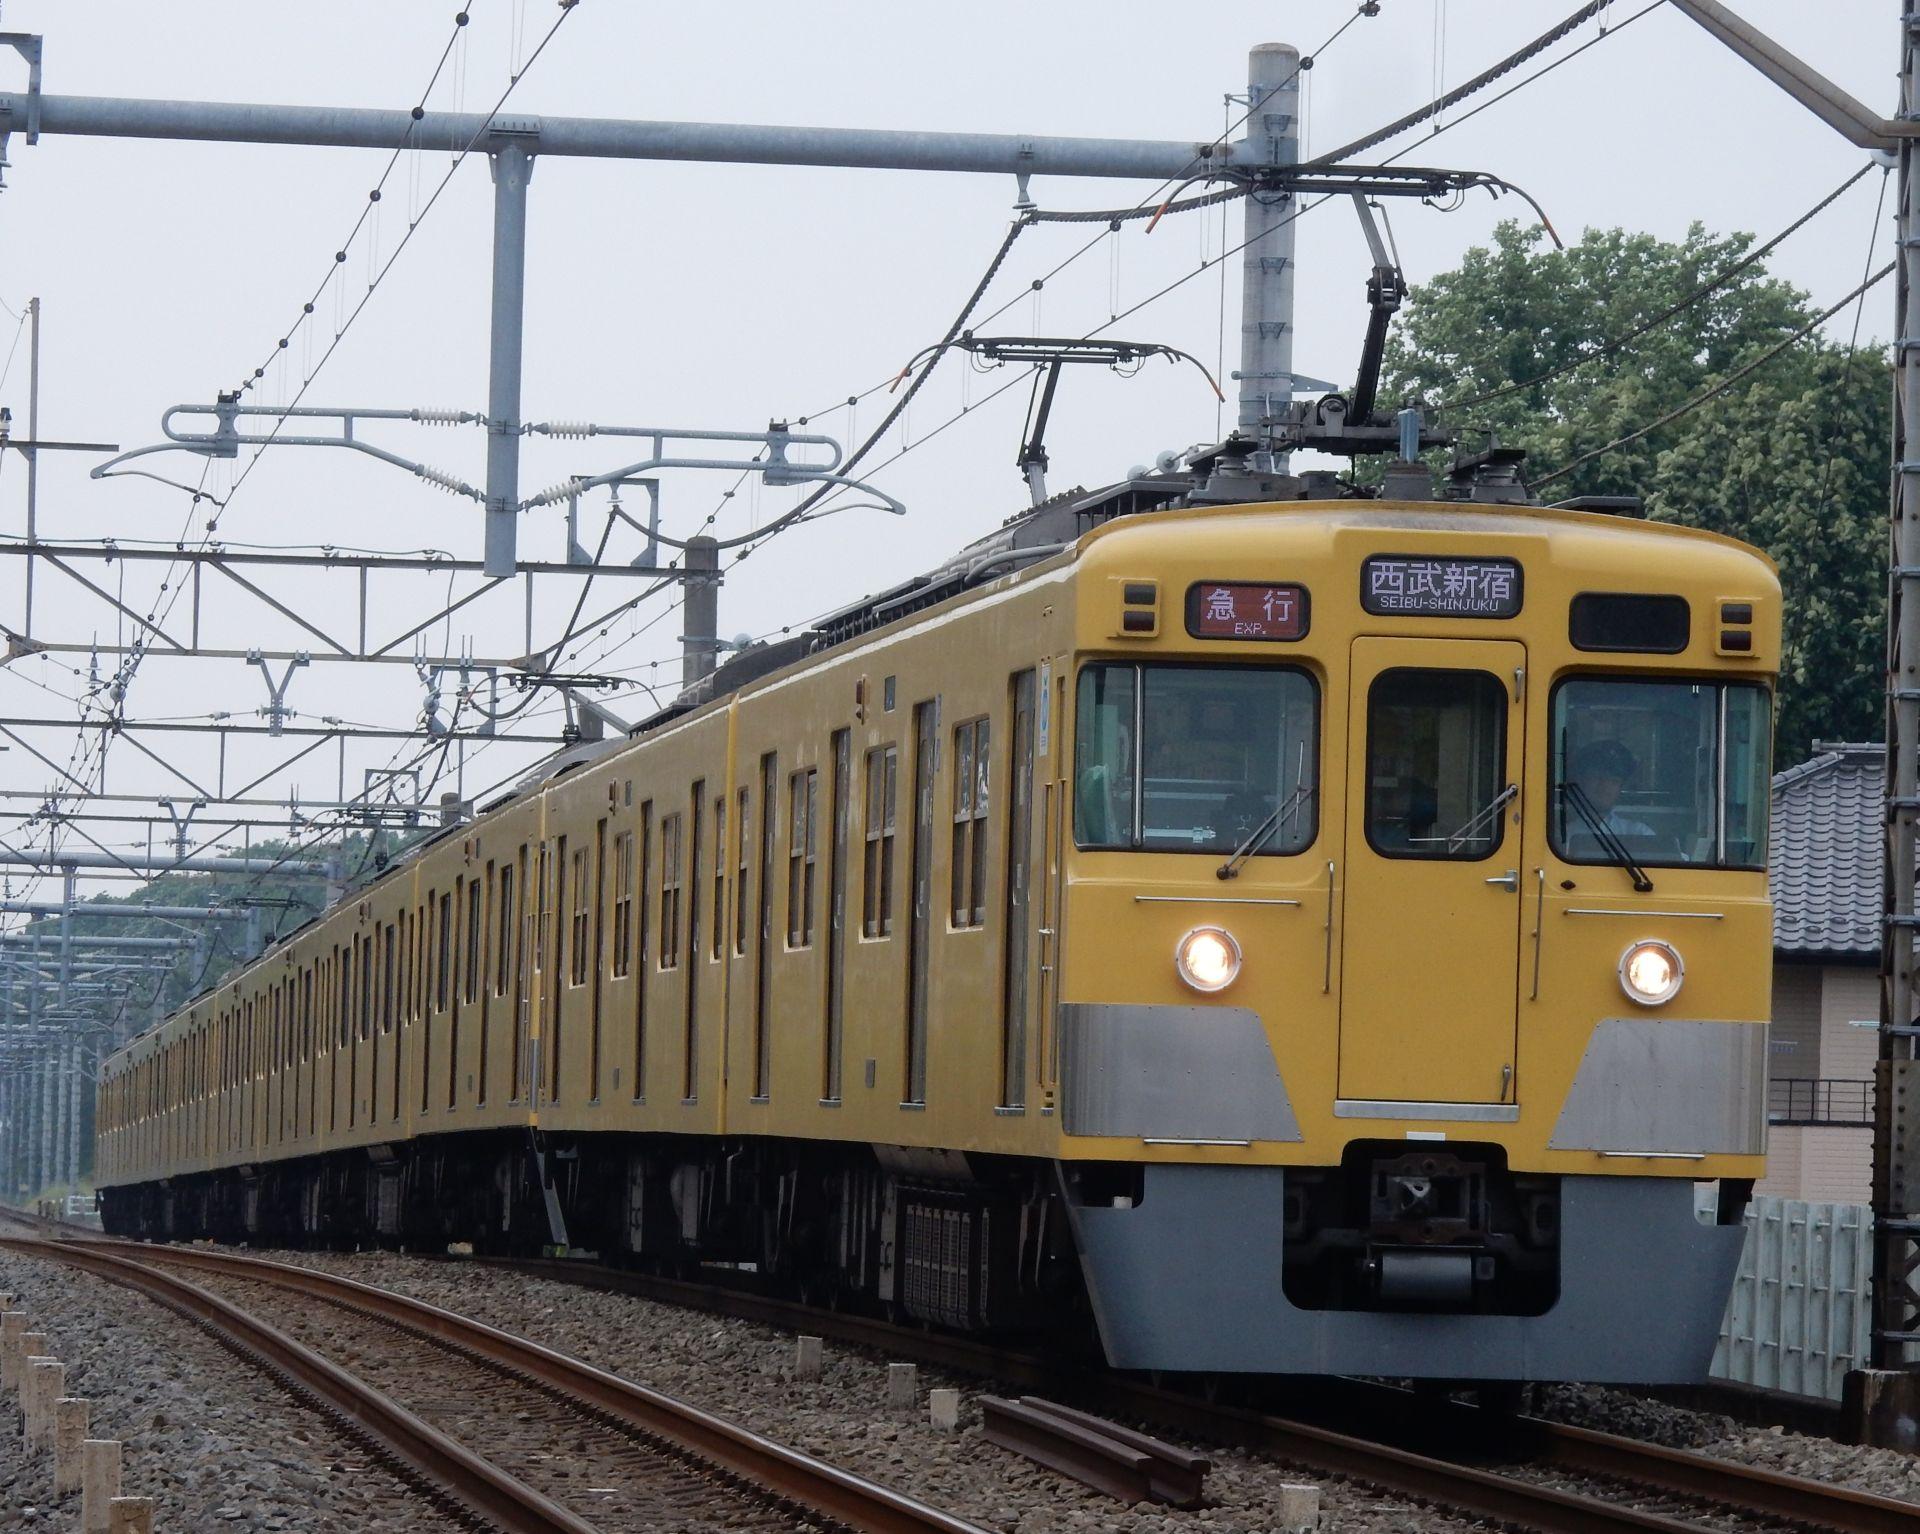 DSCN9958 - コピー